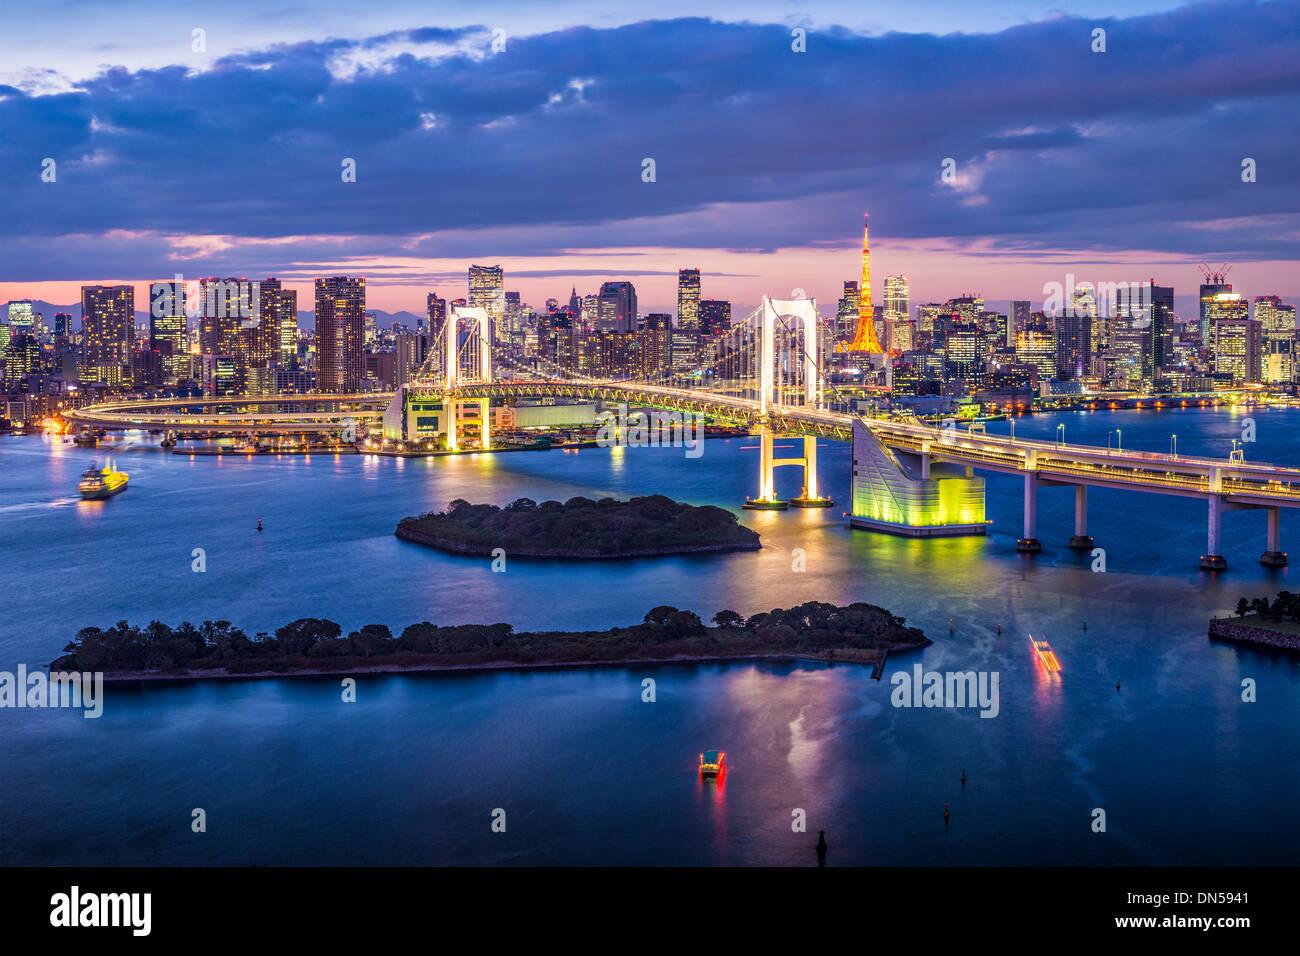 La baie de Tokyo, Japon. Photo Stock